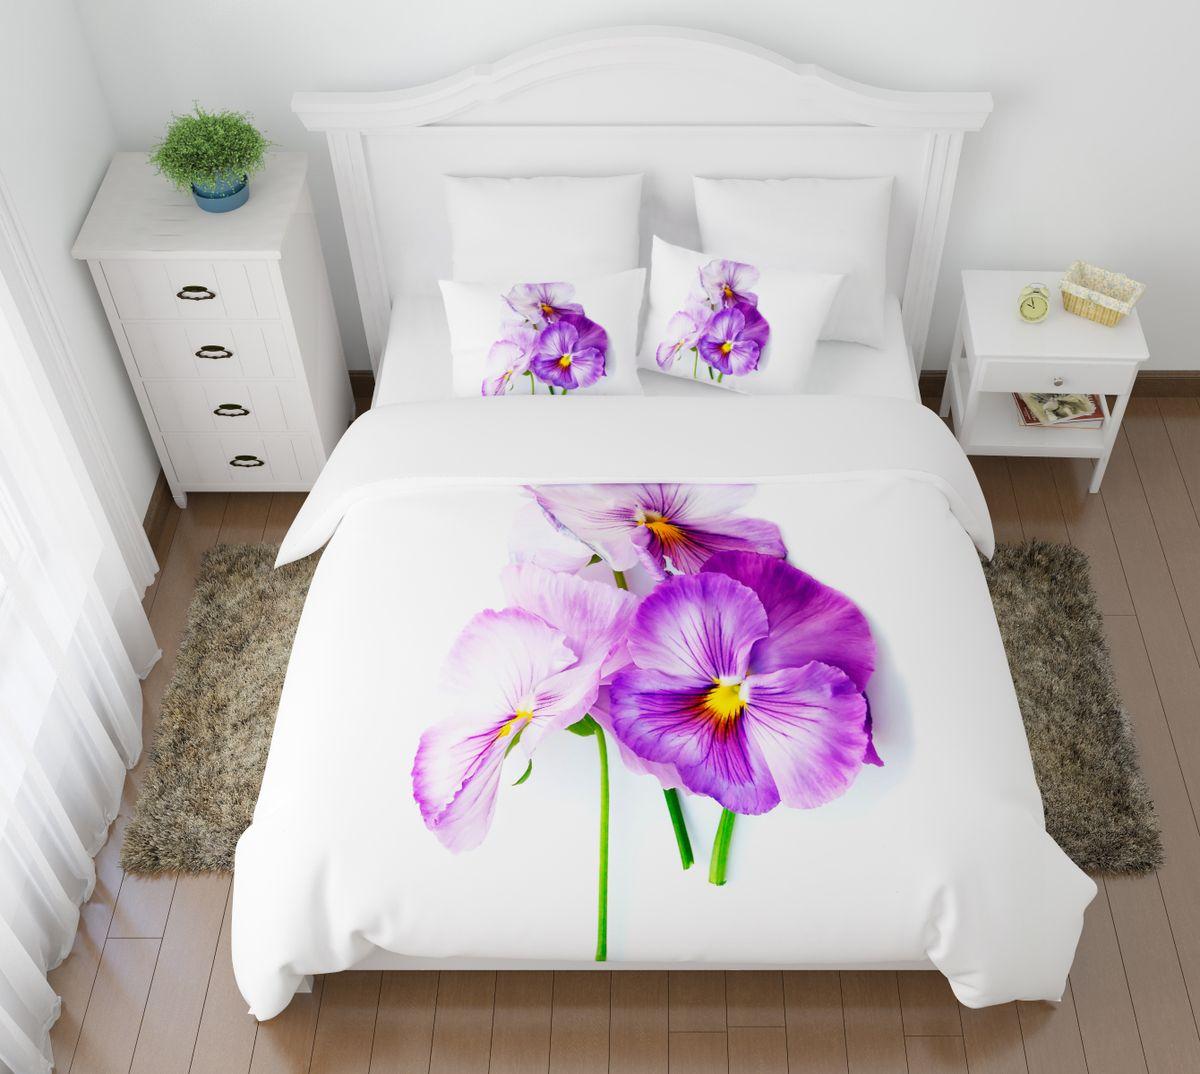 Комплект белья Сирень Виола необыкновенная, 2-спальный, наволочки 50х70VCA-00Комплект постельного белья Сирень 2-х спальный выполнен из прочной и мягкой ткани. Четкий и стильный рисунок в сочетании с насыщенными красками делают комплект постельного белья неповторимой изюминкой любого интерьера. Постельное белье идеально подойдет для подарка. Идеальное соотношение смешенной ткани и гипоаллергенных красок это гарантия здорового, спокойного сна. Ткань хорошо впитывает влагу, надолго сохраняет яркость красок. Цвет простыни, пододеяльника, наволочки в комплектации может немного отличаться от представленного на фото.В комплект входят: простыня - 200х220см; пододельяник 175х210 см; наволочка - 50х70х2шт. Постельное белье легко стирать при 30-40 градусах, гладить при 150 градусах, не отбеливать.Рекомендуется перед первым изпользованием постирать.